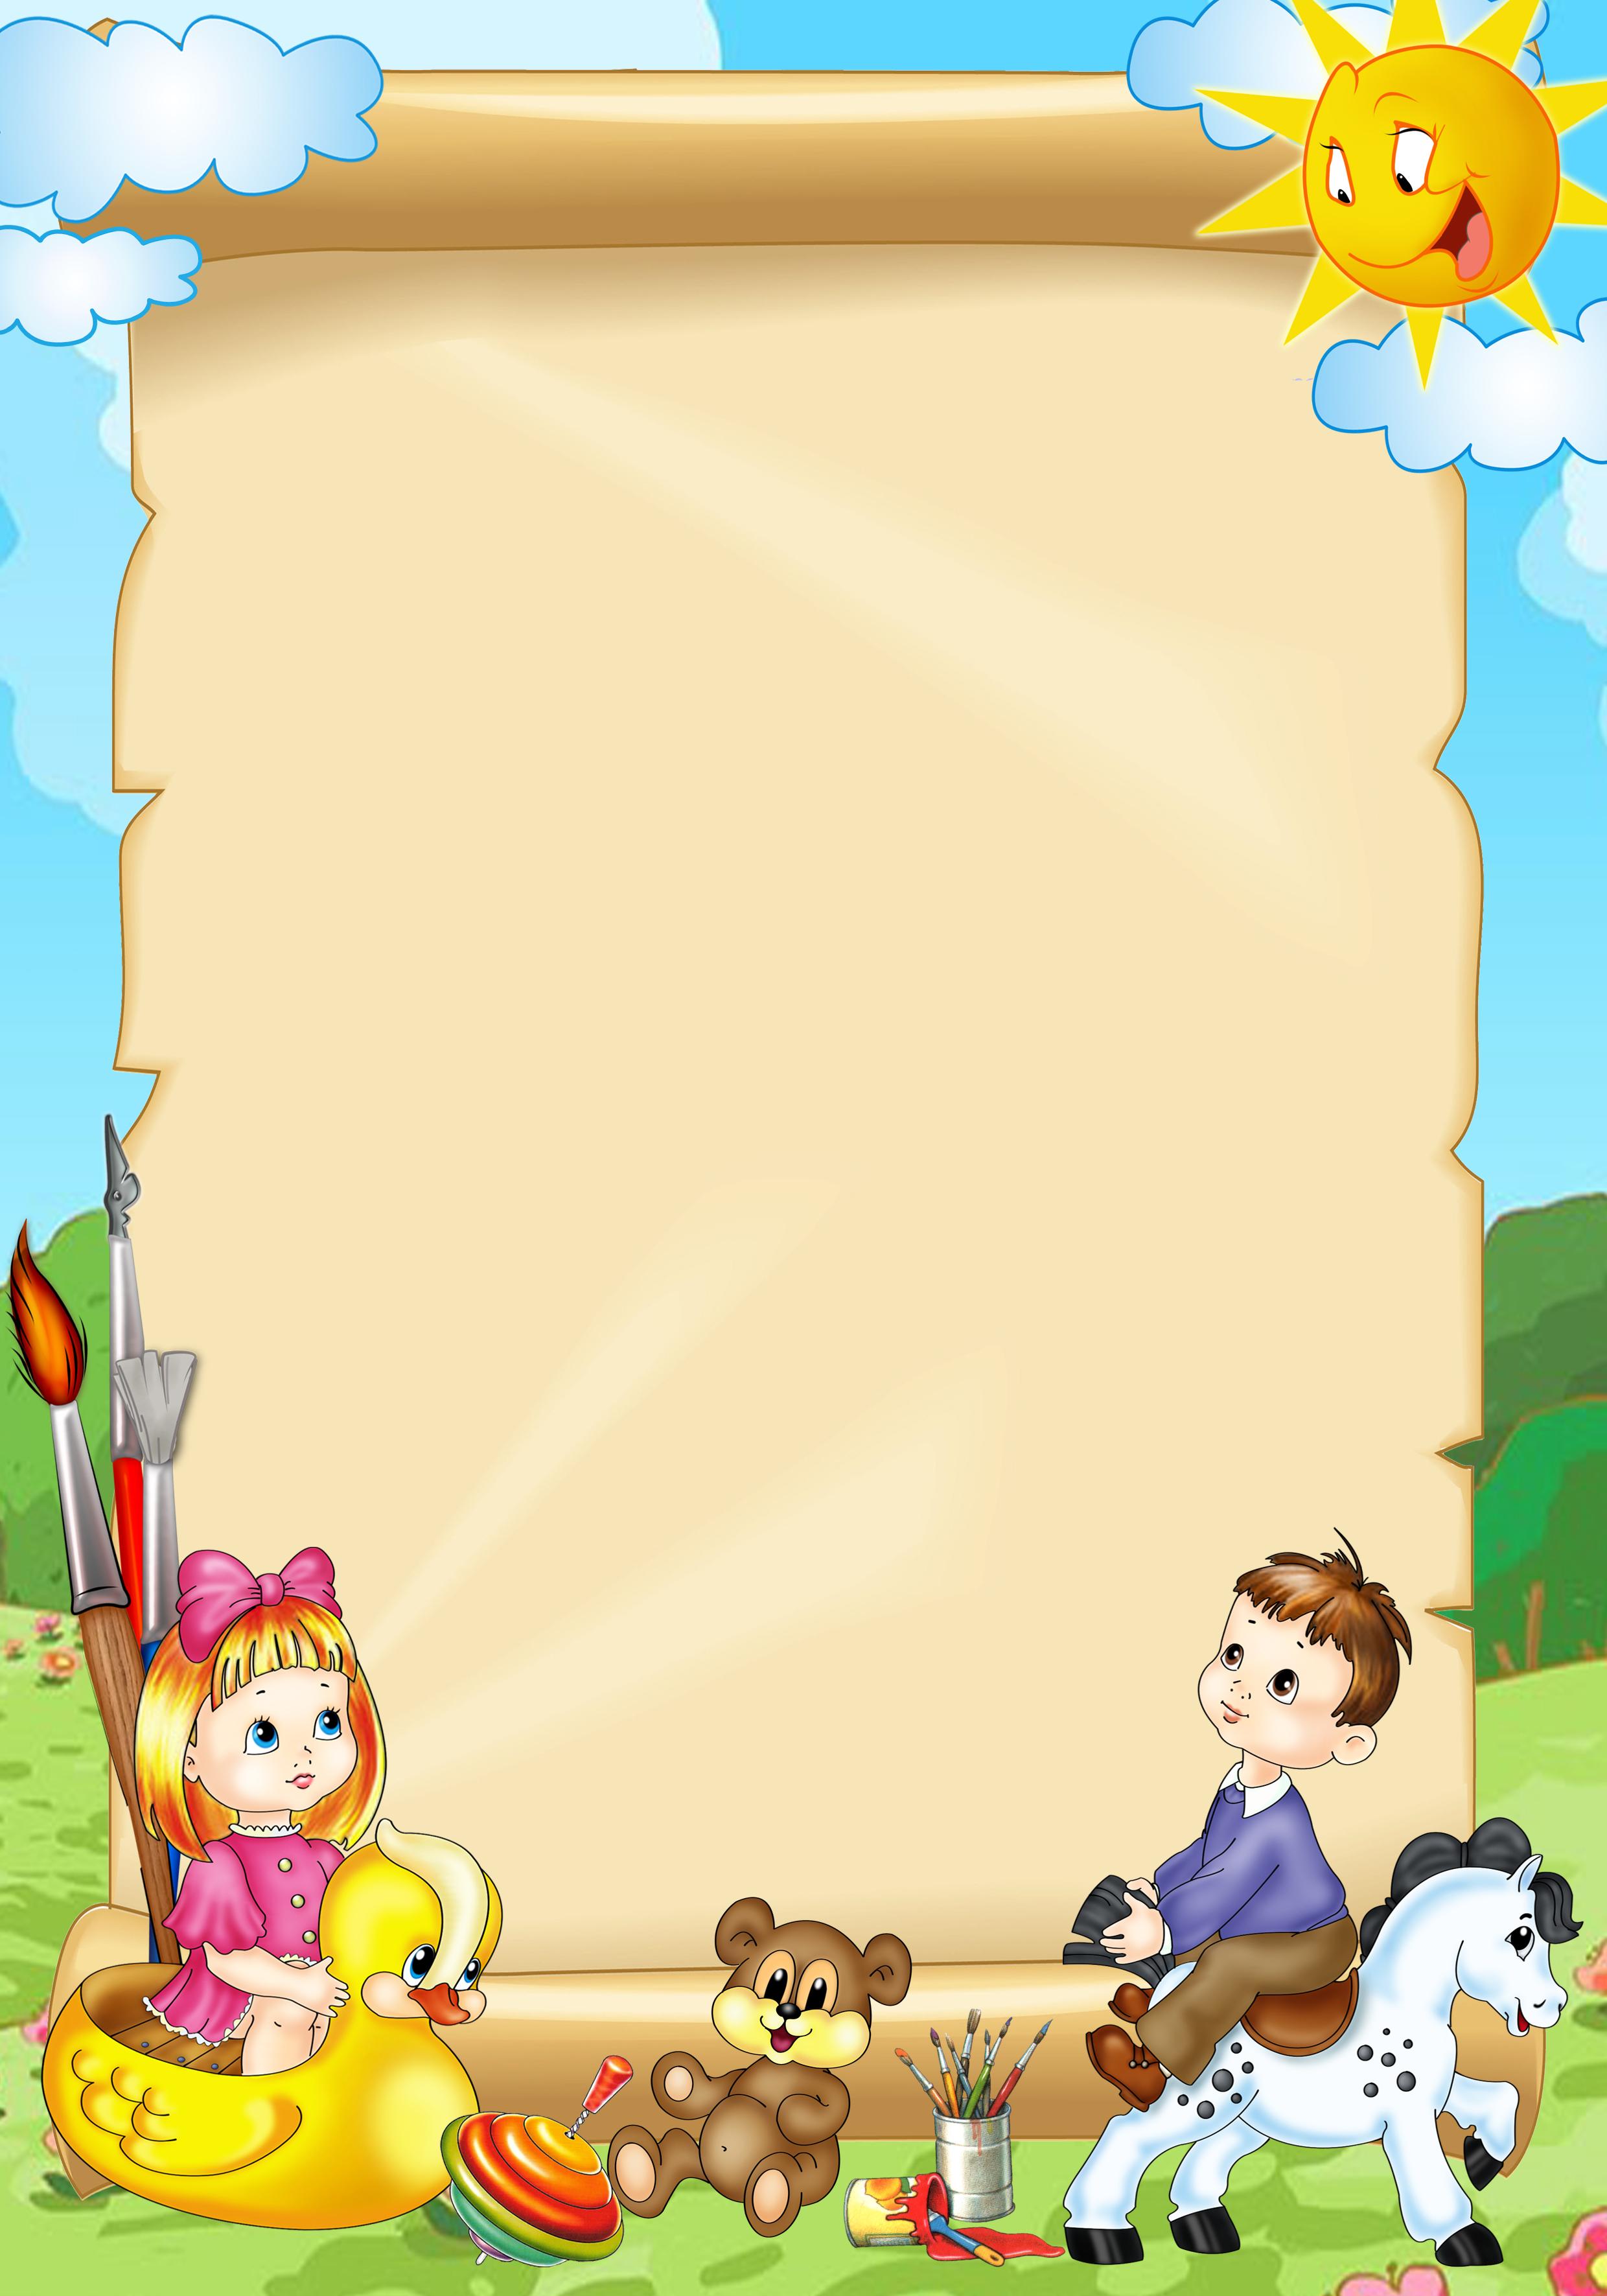 для детского сада картинки радуги